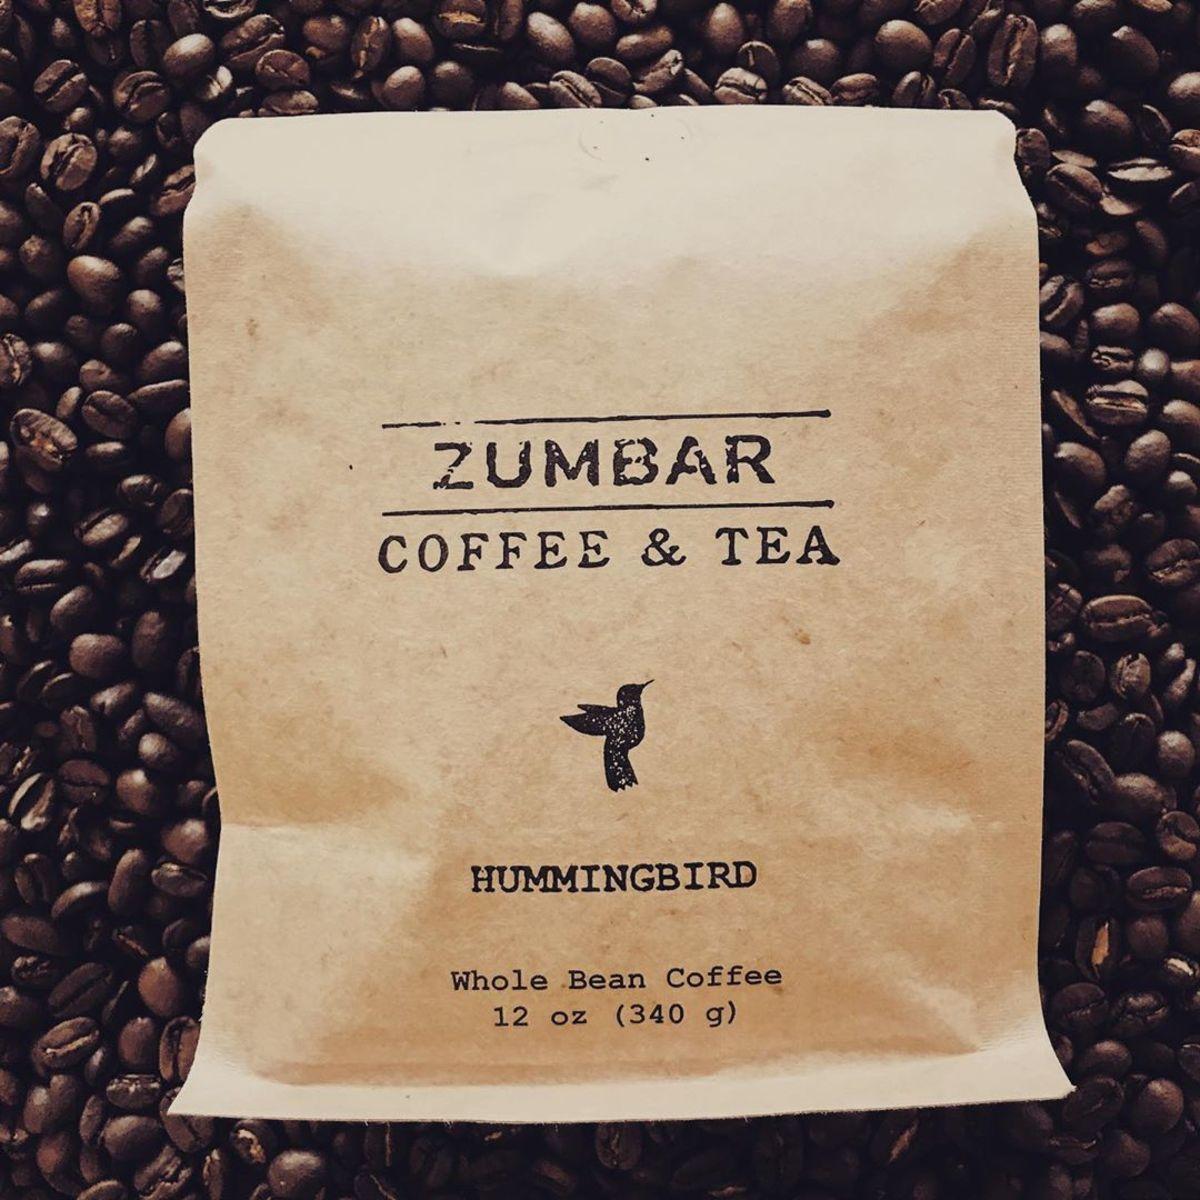 zumbarcoffee